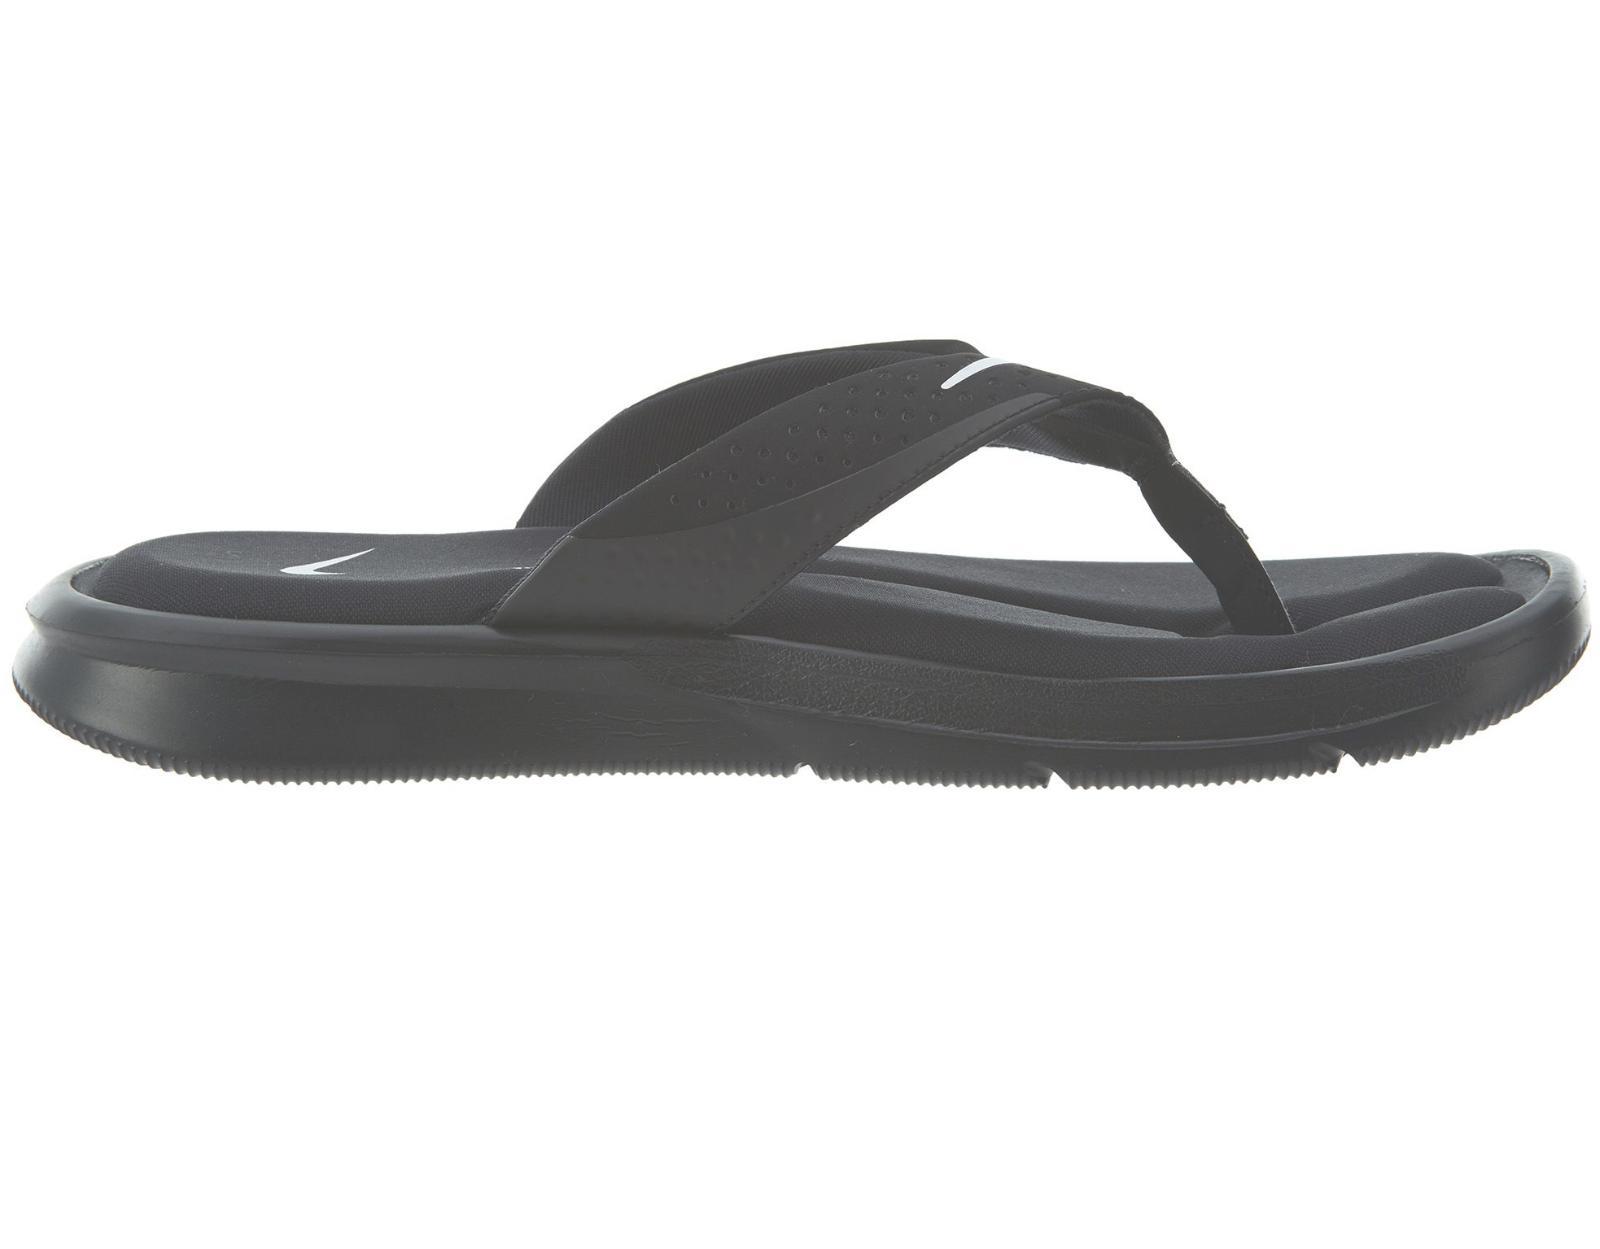 New Men's Comfort Flip Sandals 916831